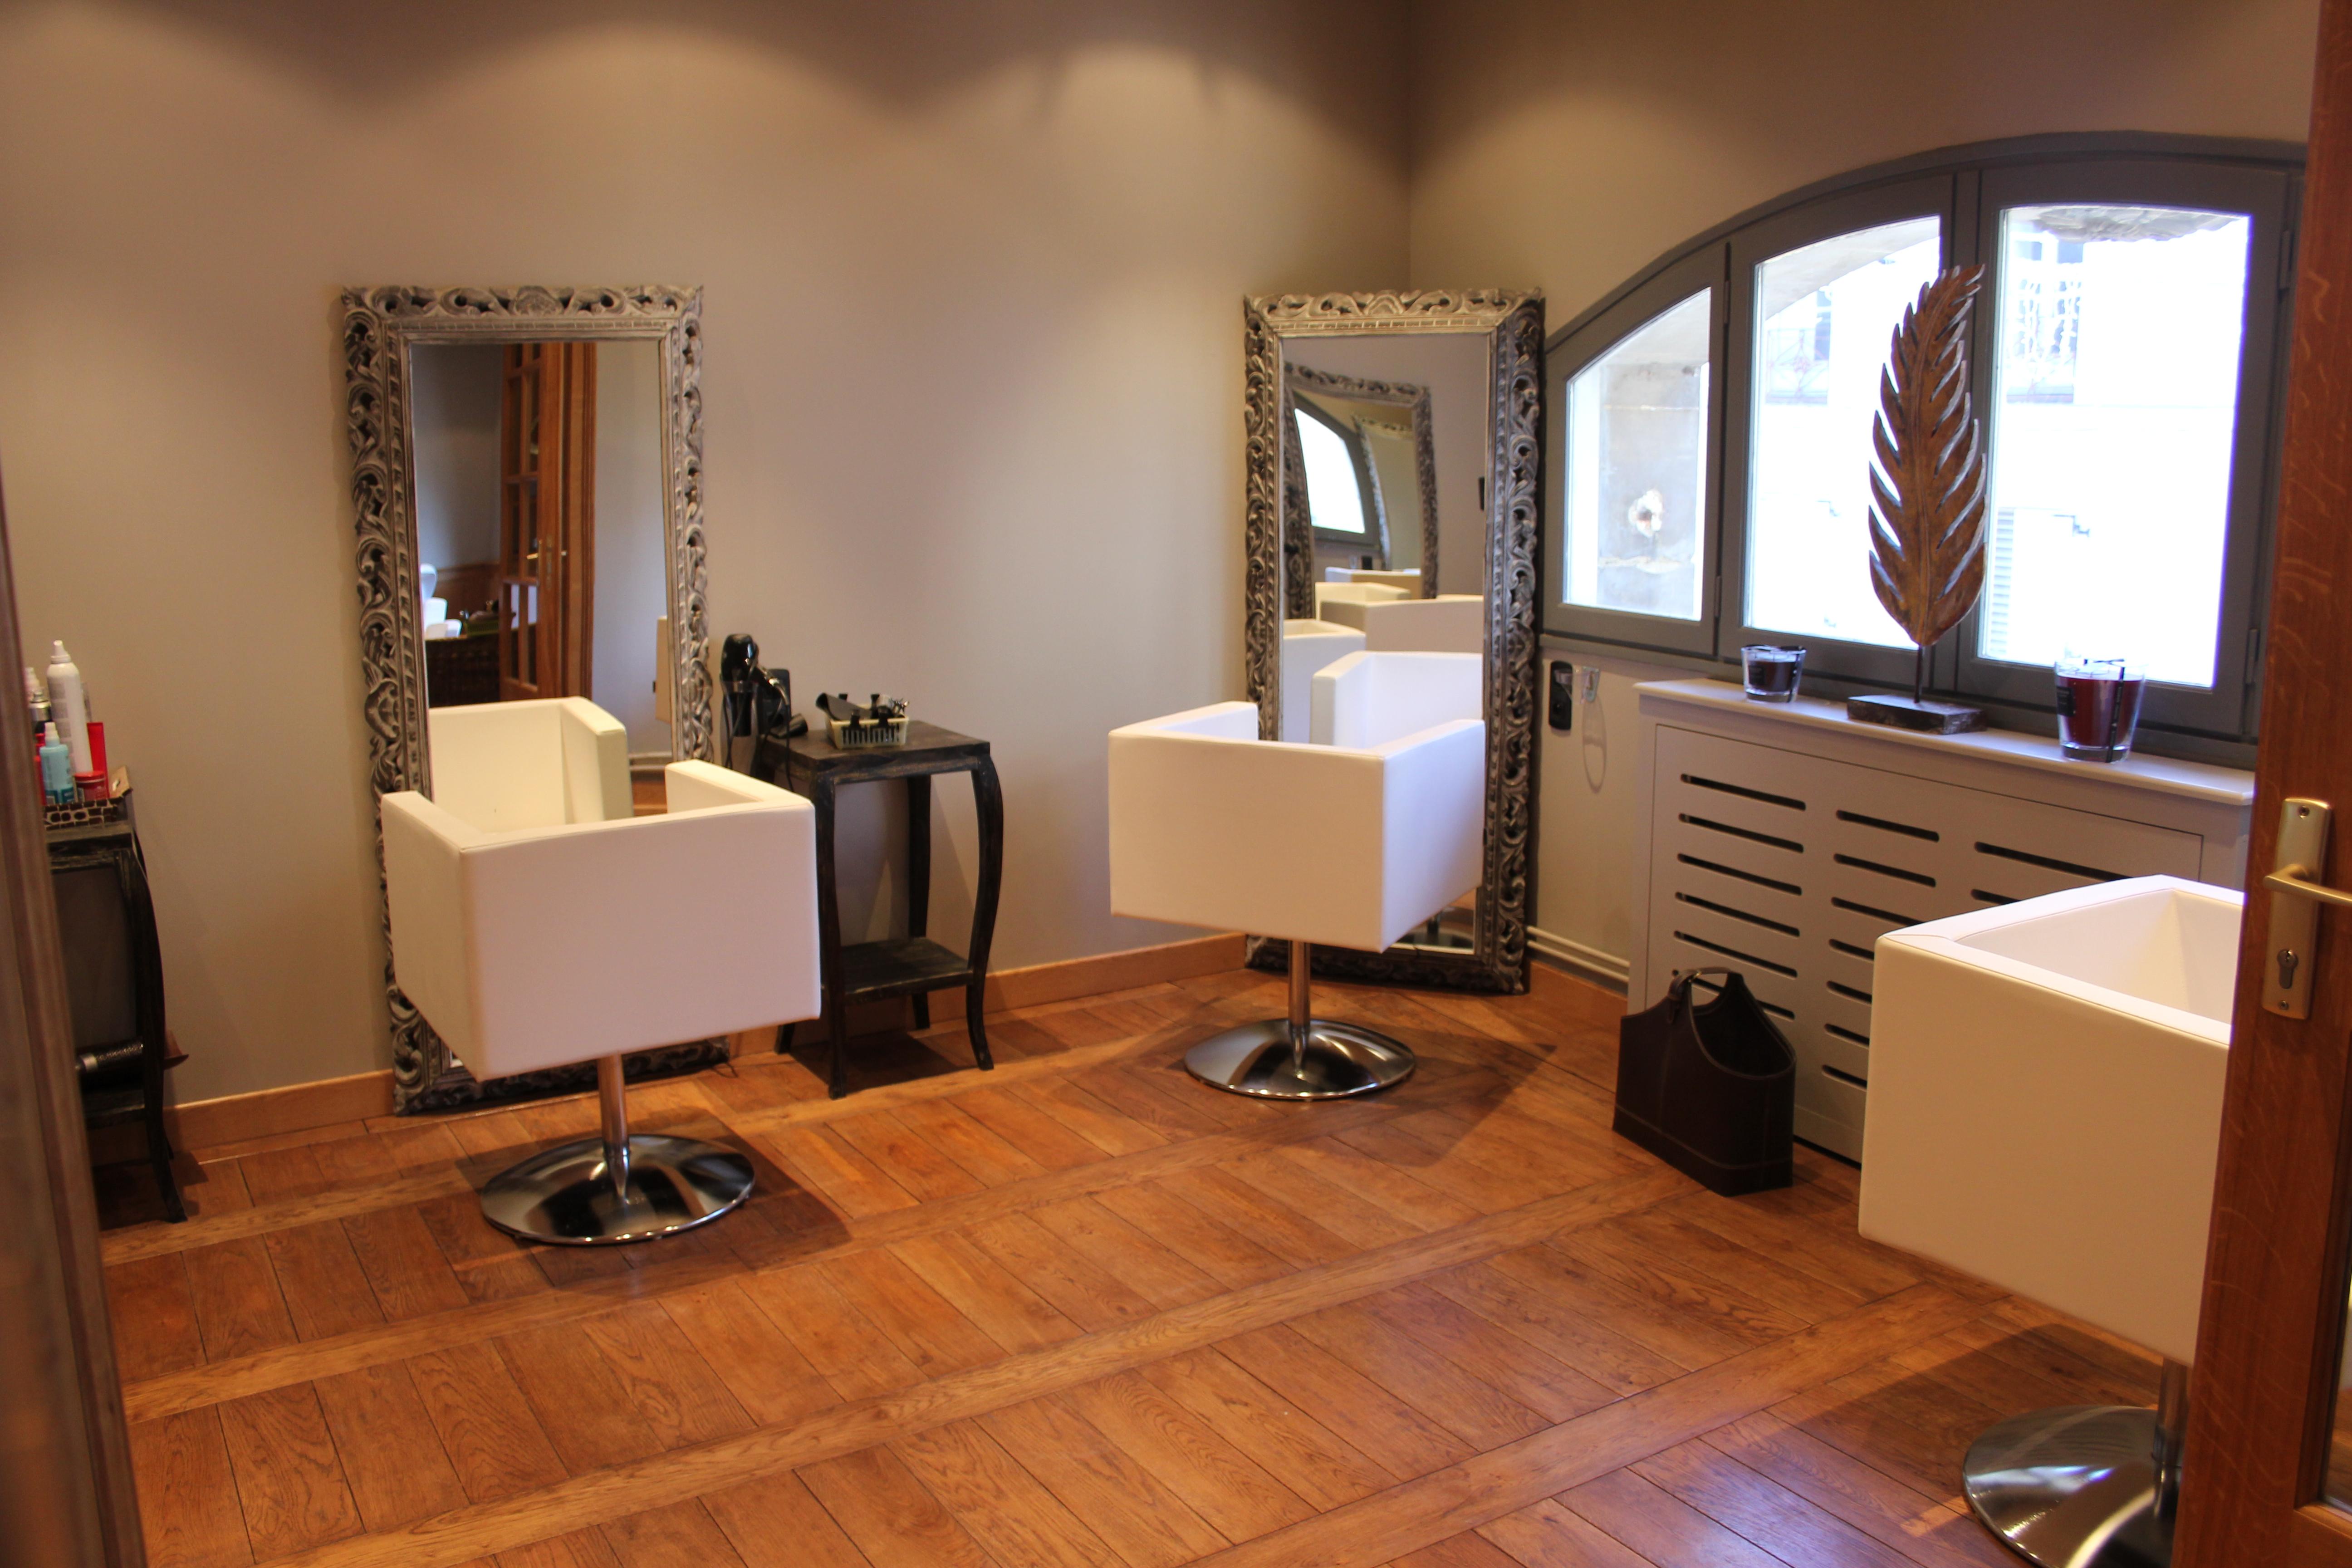 Sandro esprit spa le mans avis tarifs horaires t l phone for Salon de coiffure le mans